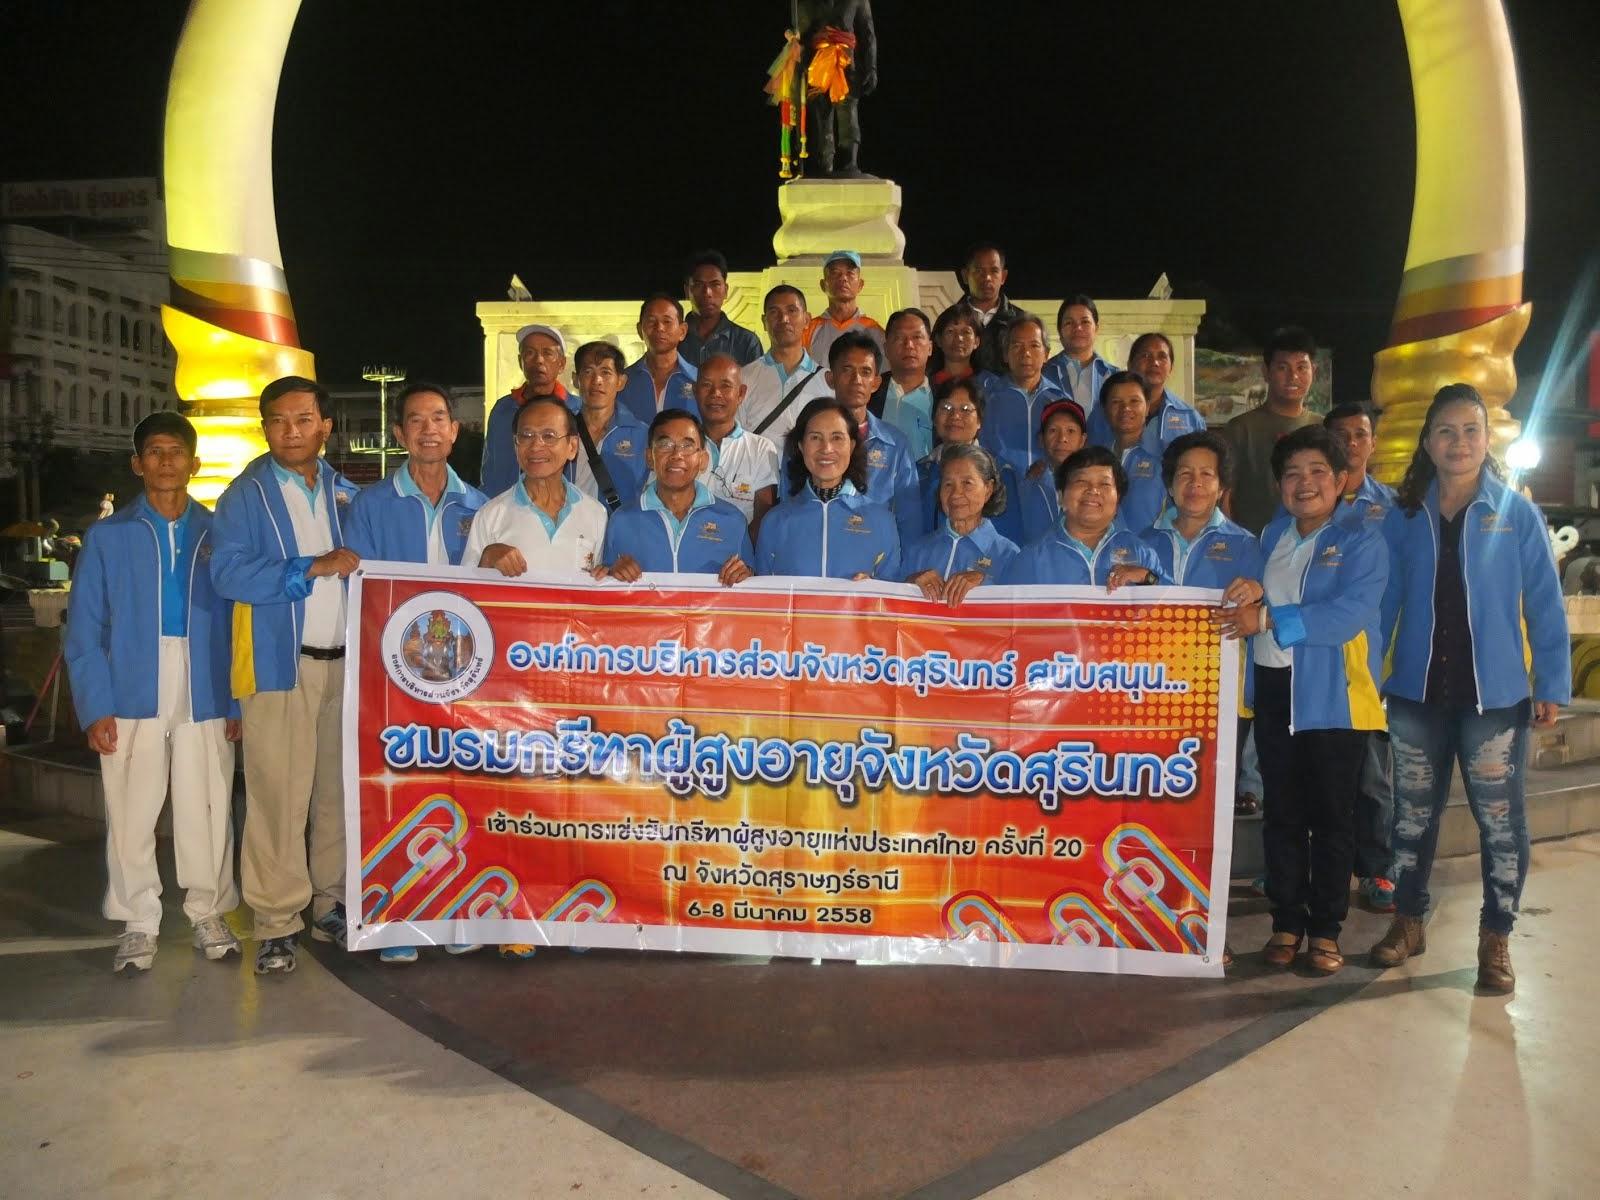 ชมรมกรีฑาสุรินทร์เข้าร่วมการแข่งขันกรีฑาสูงอายุชิงชนะเลิศแห่งประเทศไทย 6-8 มีนาคม  2558